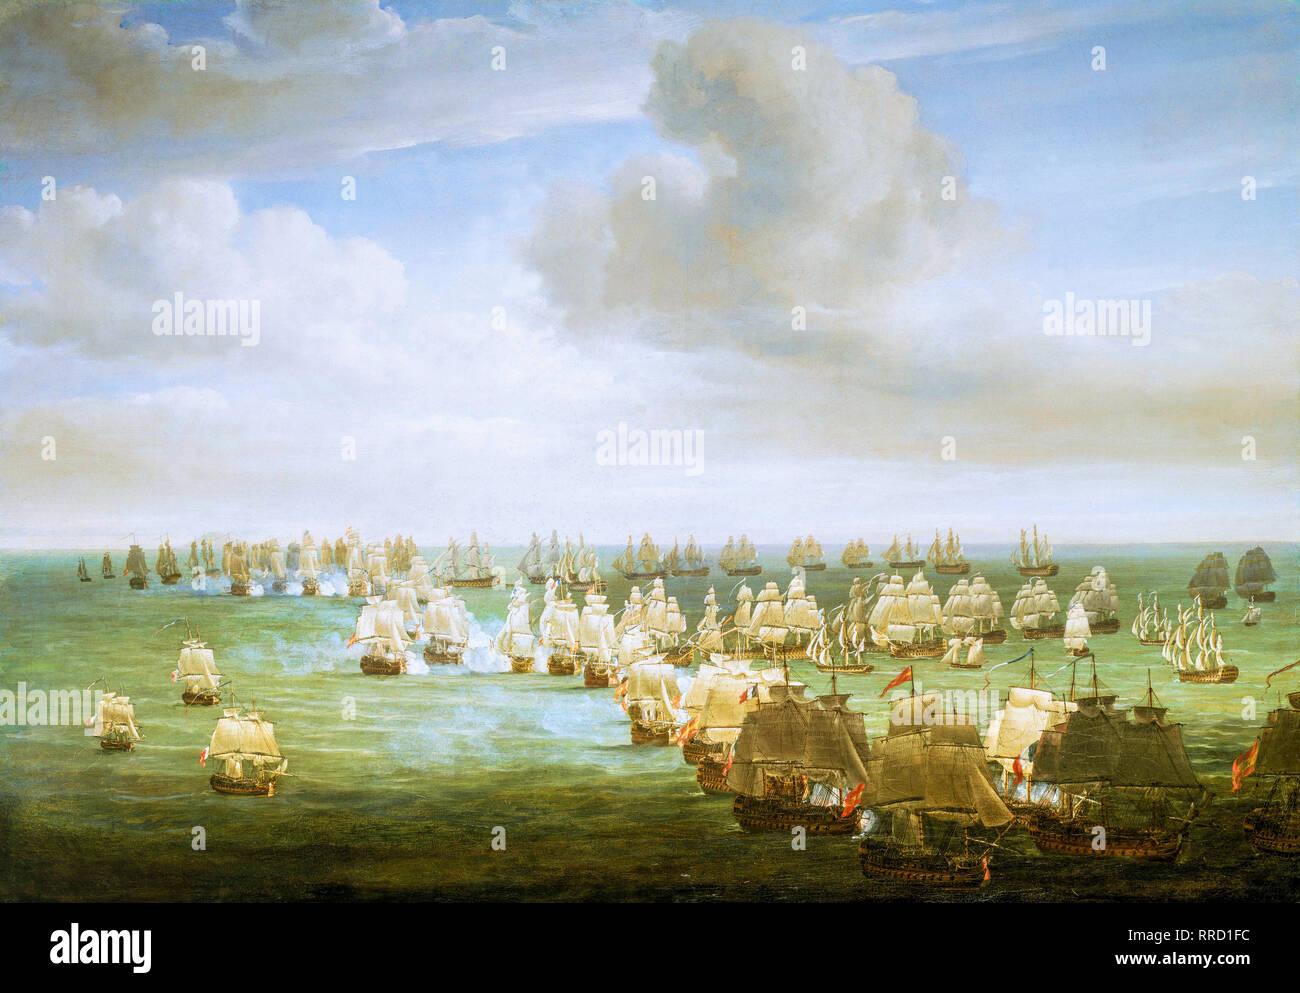 Die Schlacht von Trafalgar, 21. Oktober 1805, zu Beginn der Aktion, C. 1808 von Nicholas Pocock Stockbild